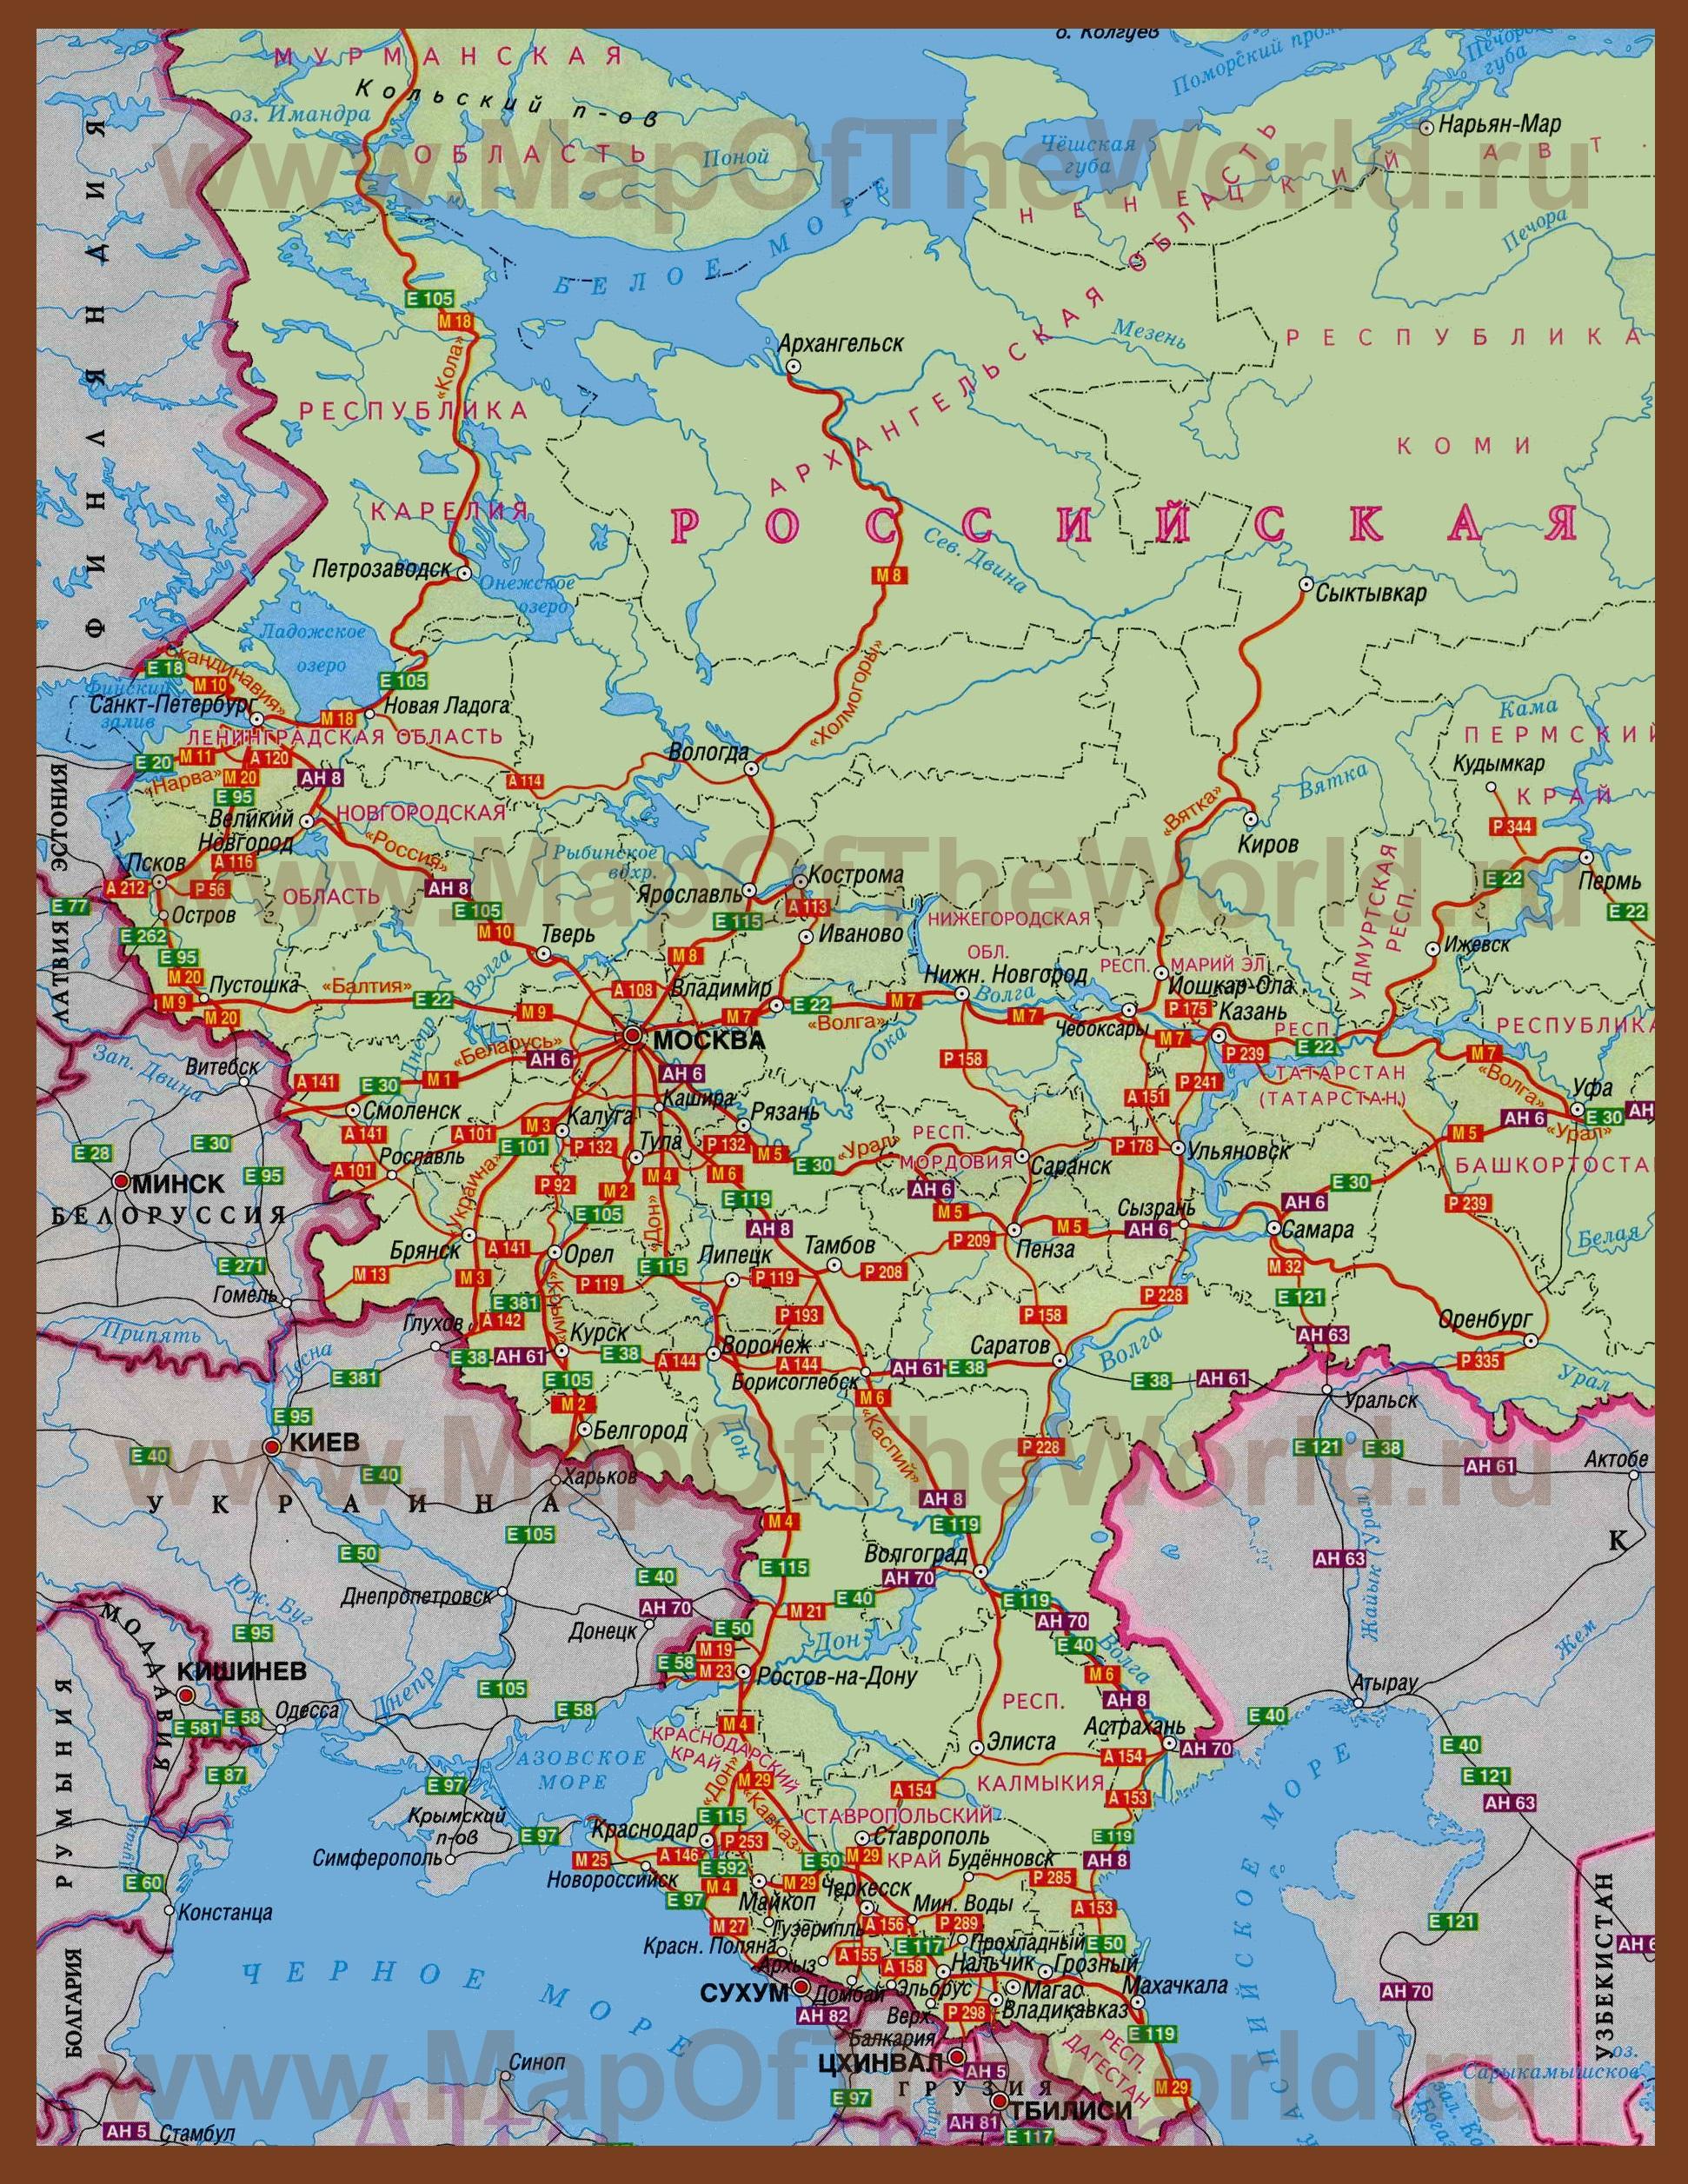 Схема европейская часть россии